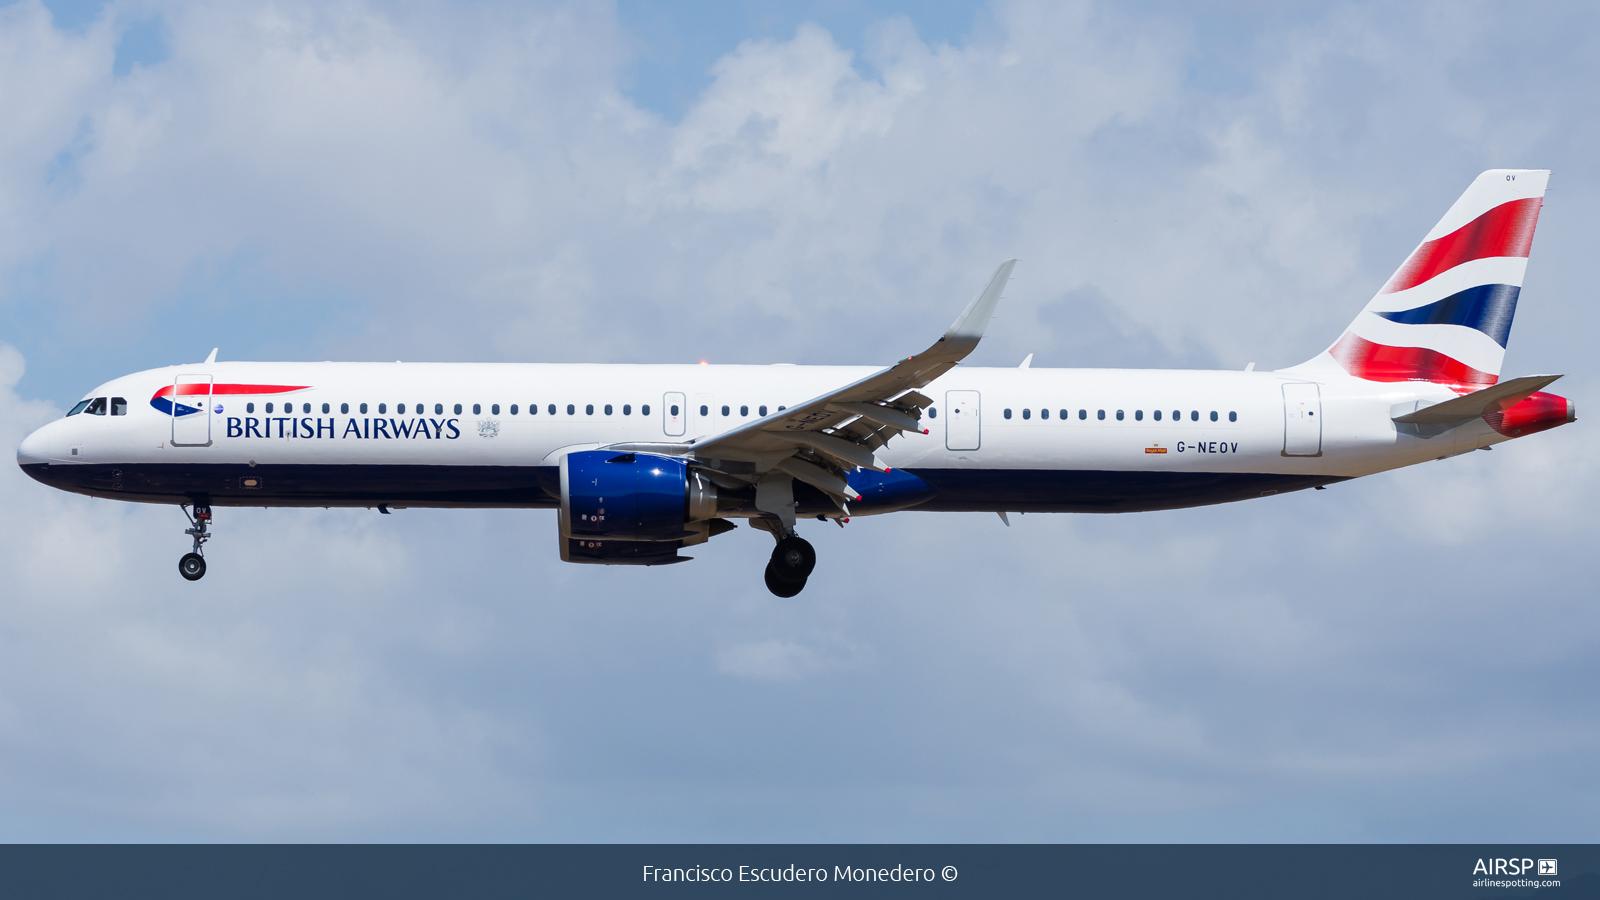 British Airways  Airbus A321neo  G-NEOV